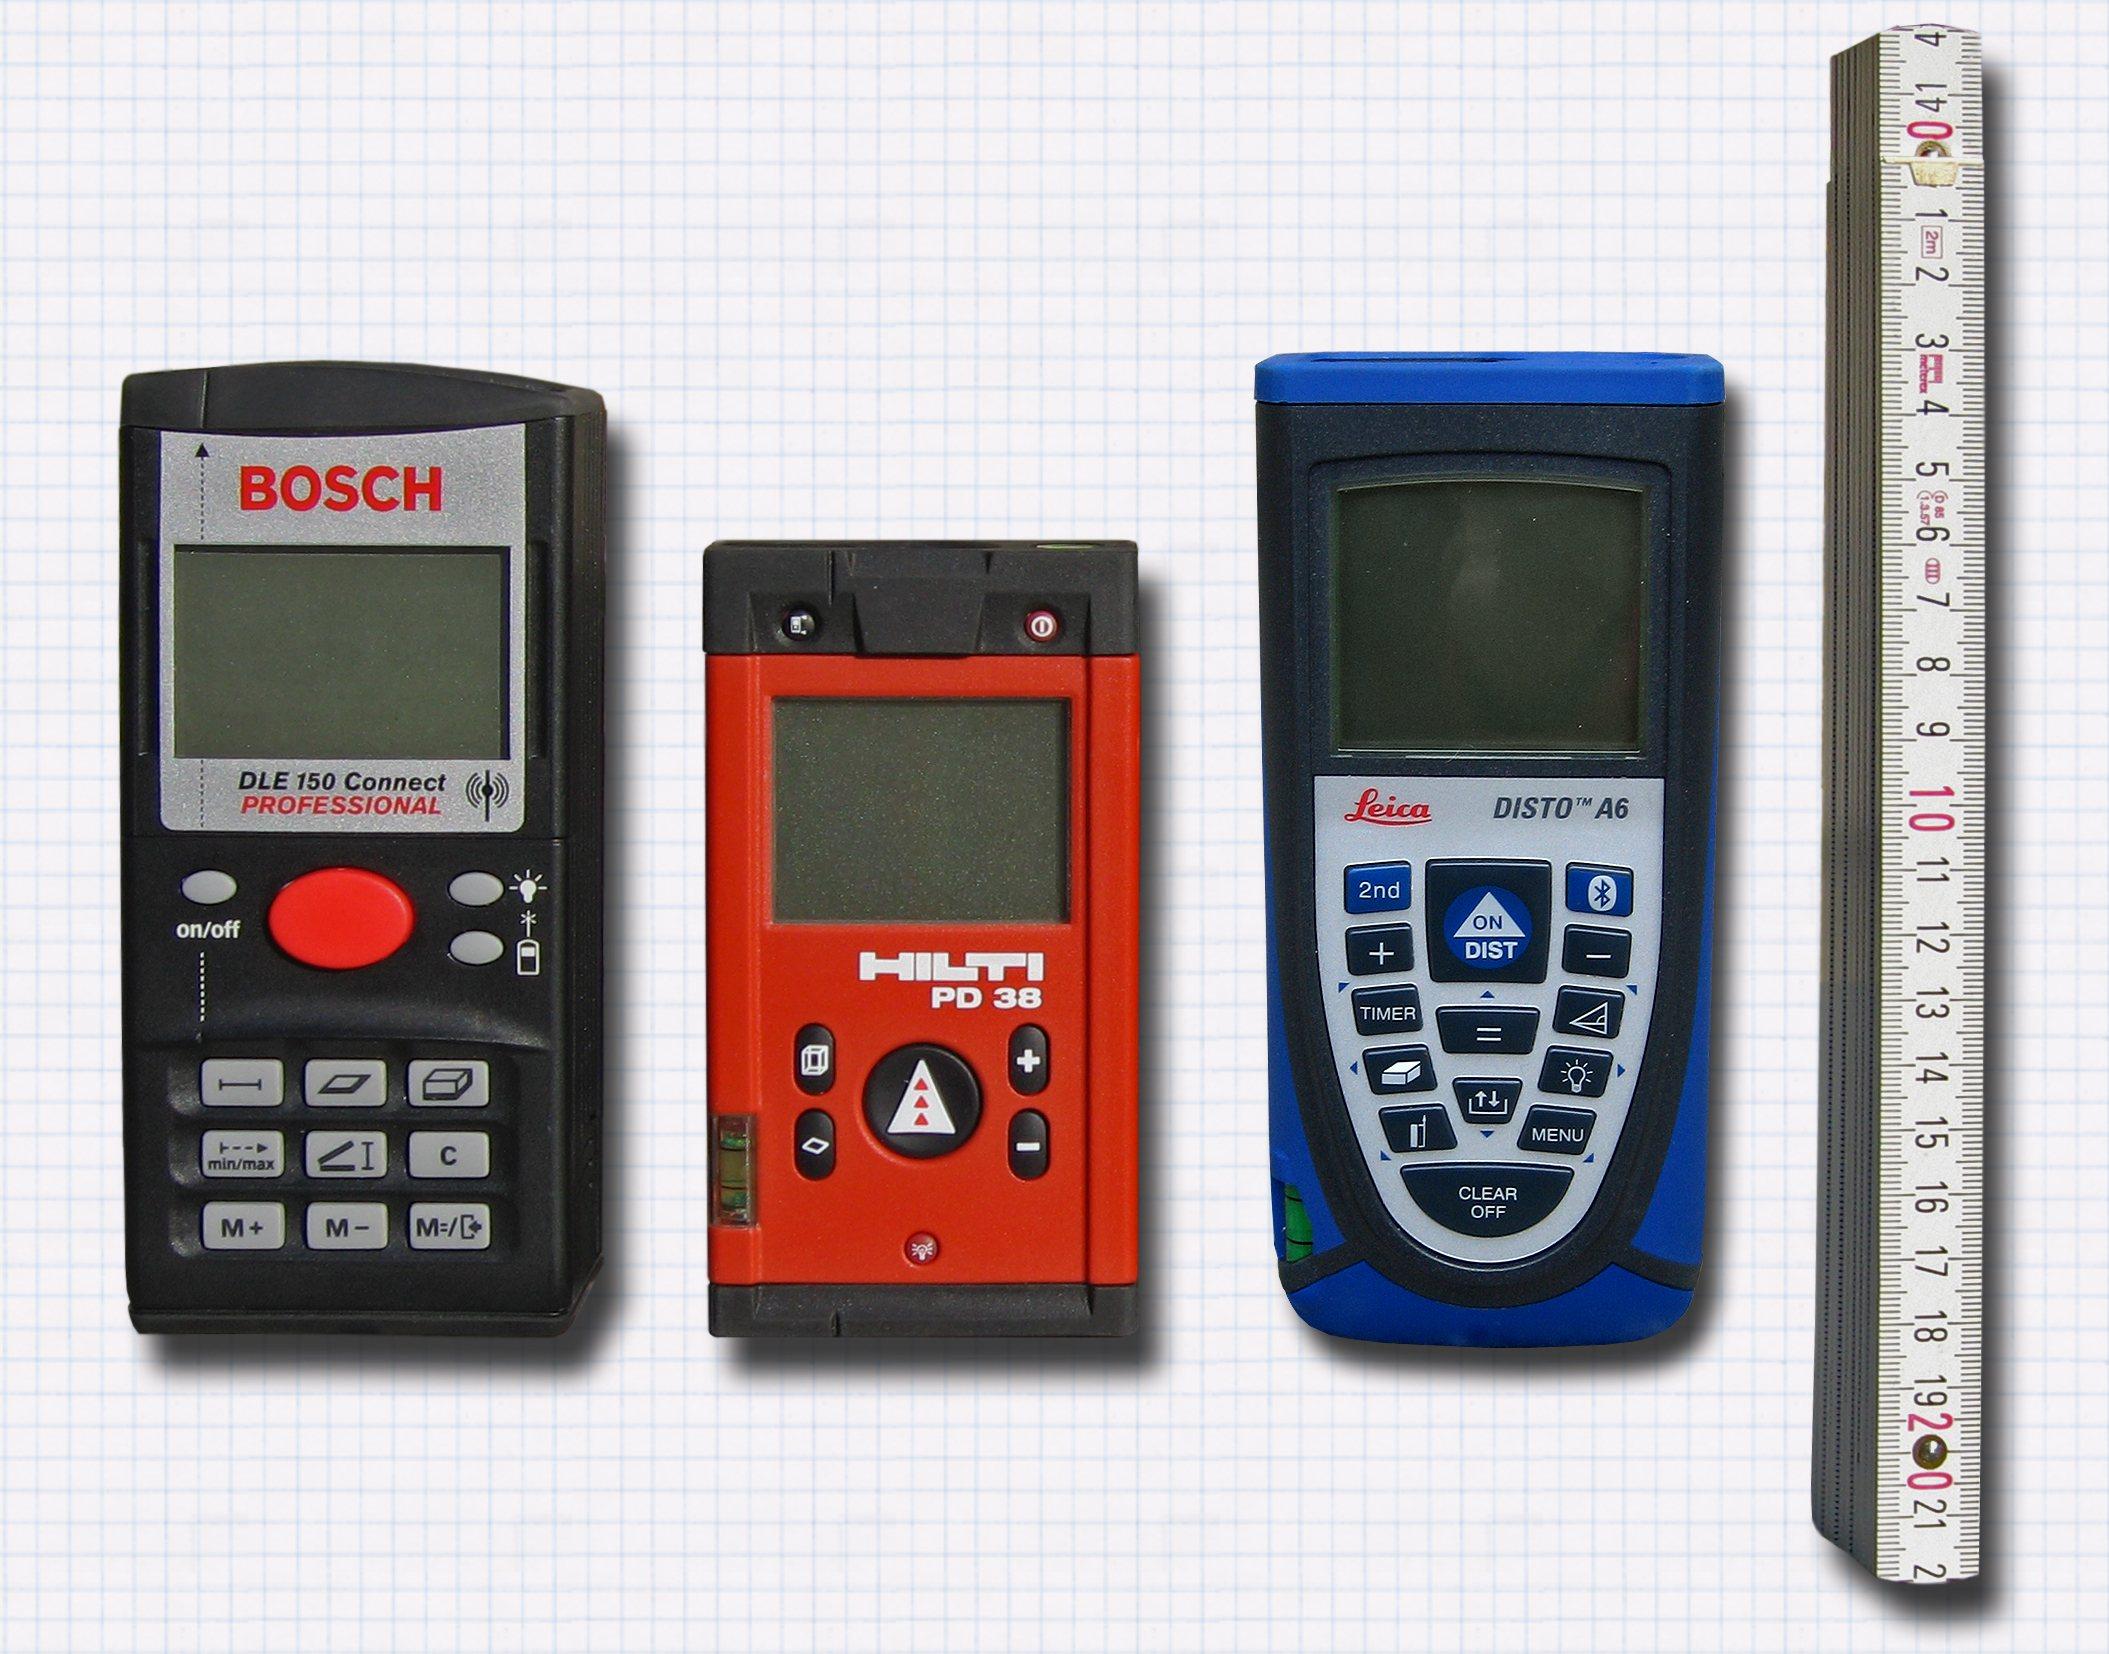 Bosch Entfernungsmesser Dle 50 Professional Bedienungsanleitung : Garten bau markt für jeden tasche werkzeuge bosch